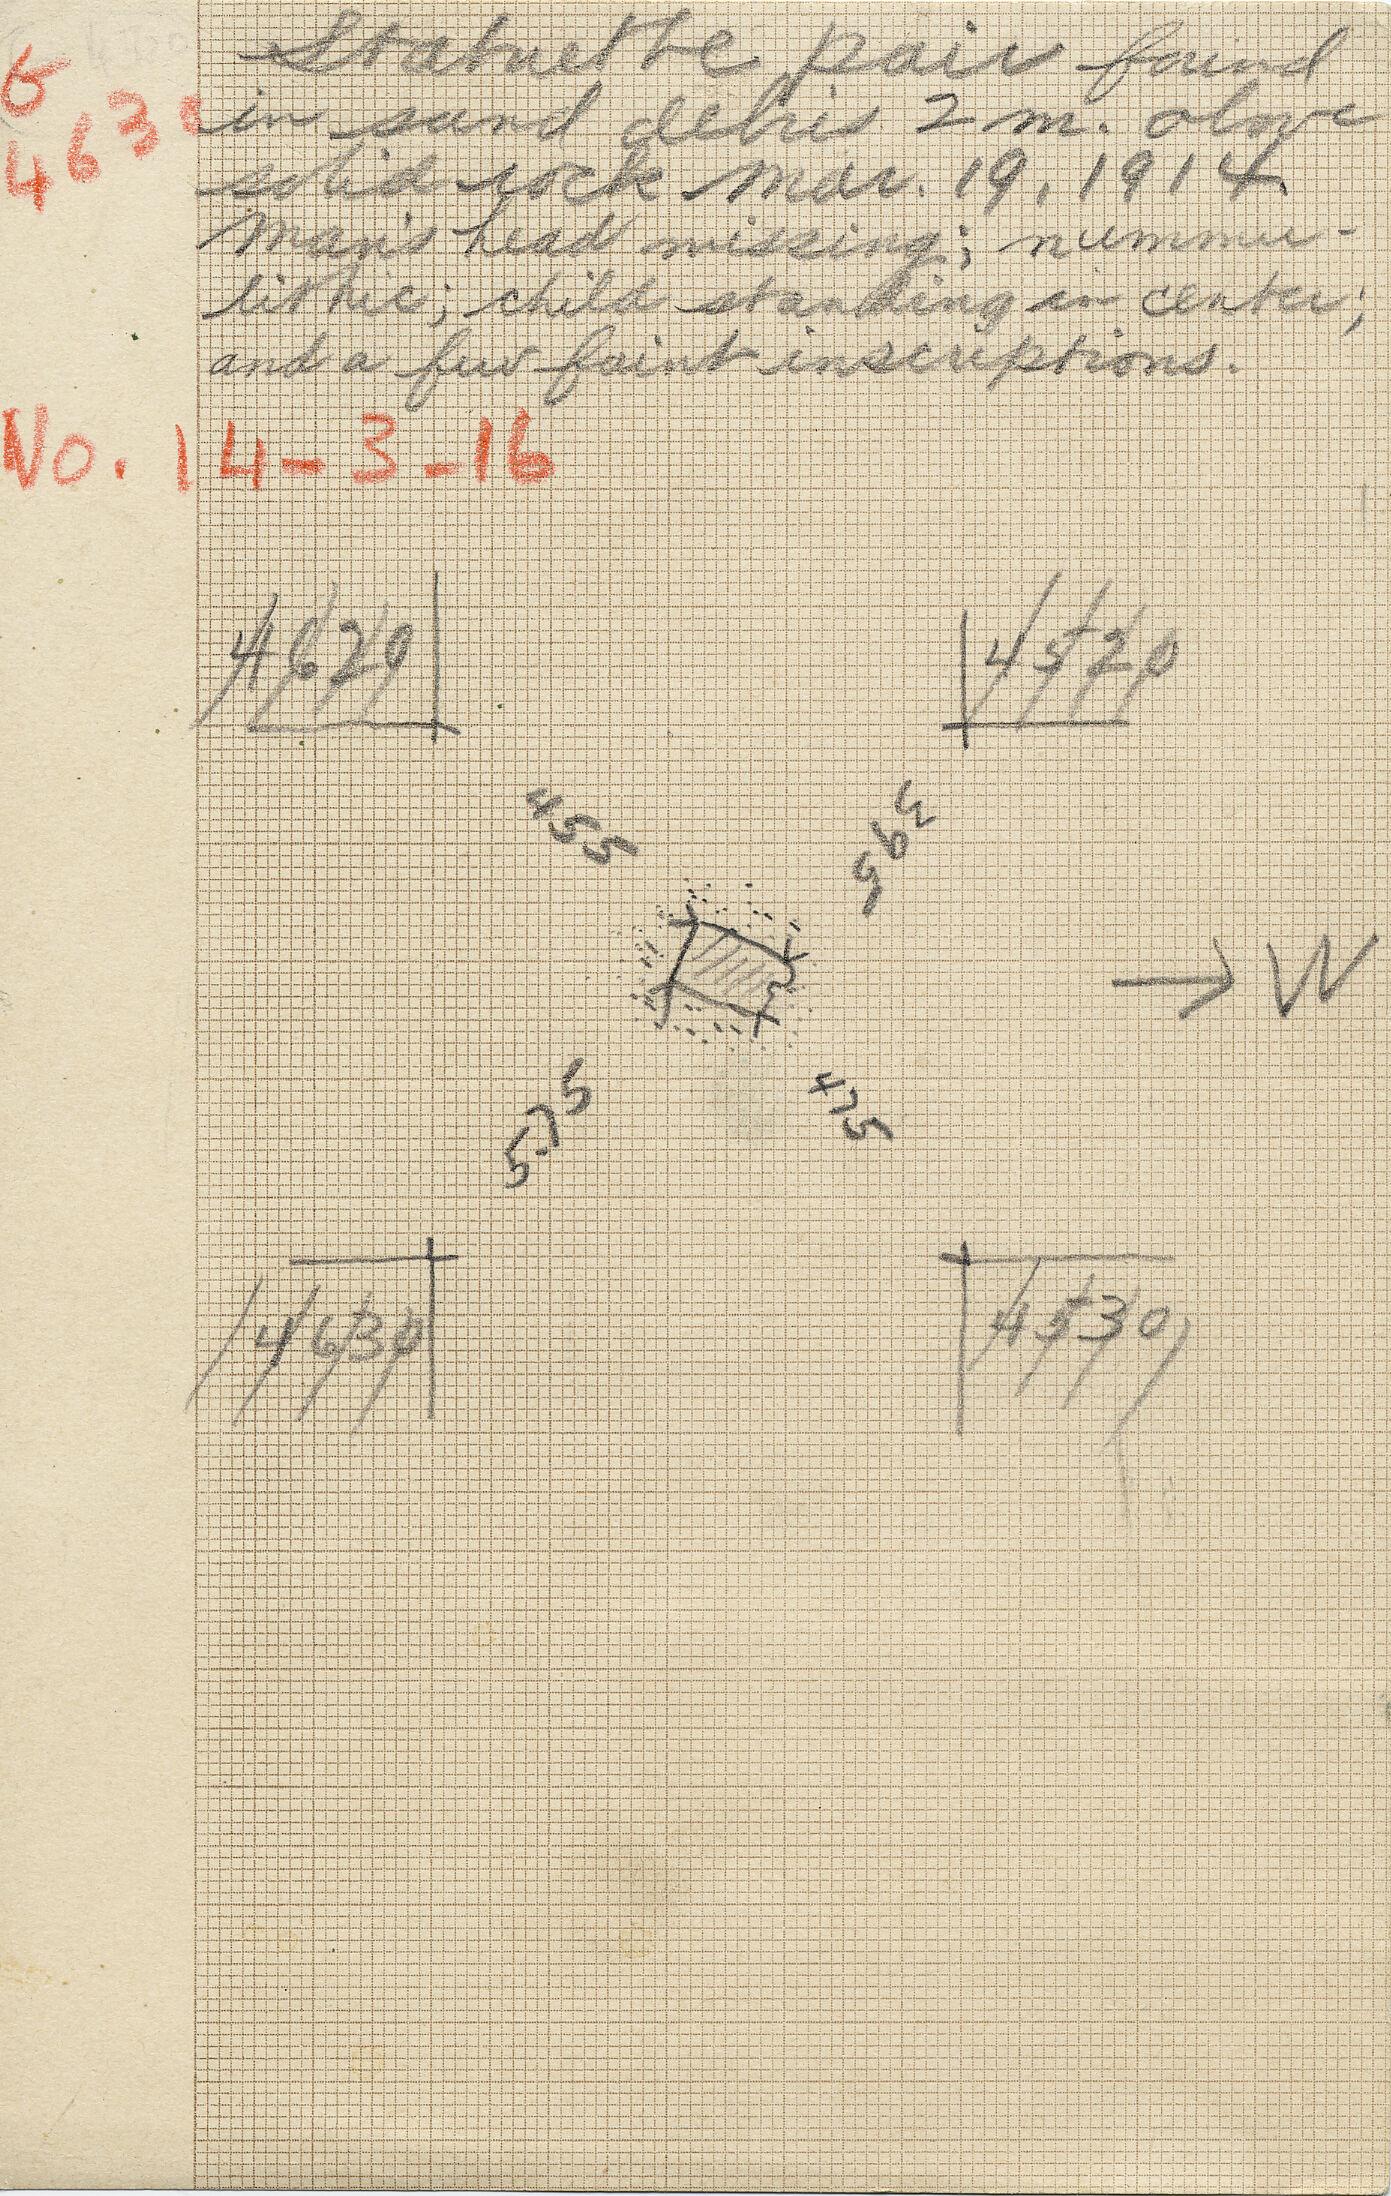 Notes: G 4630, Shaft A